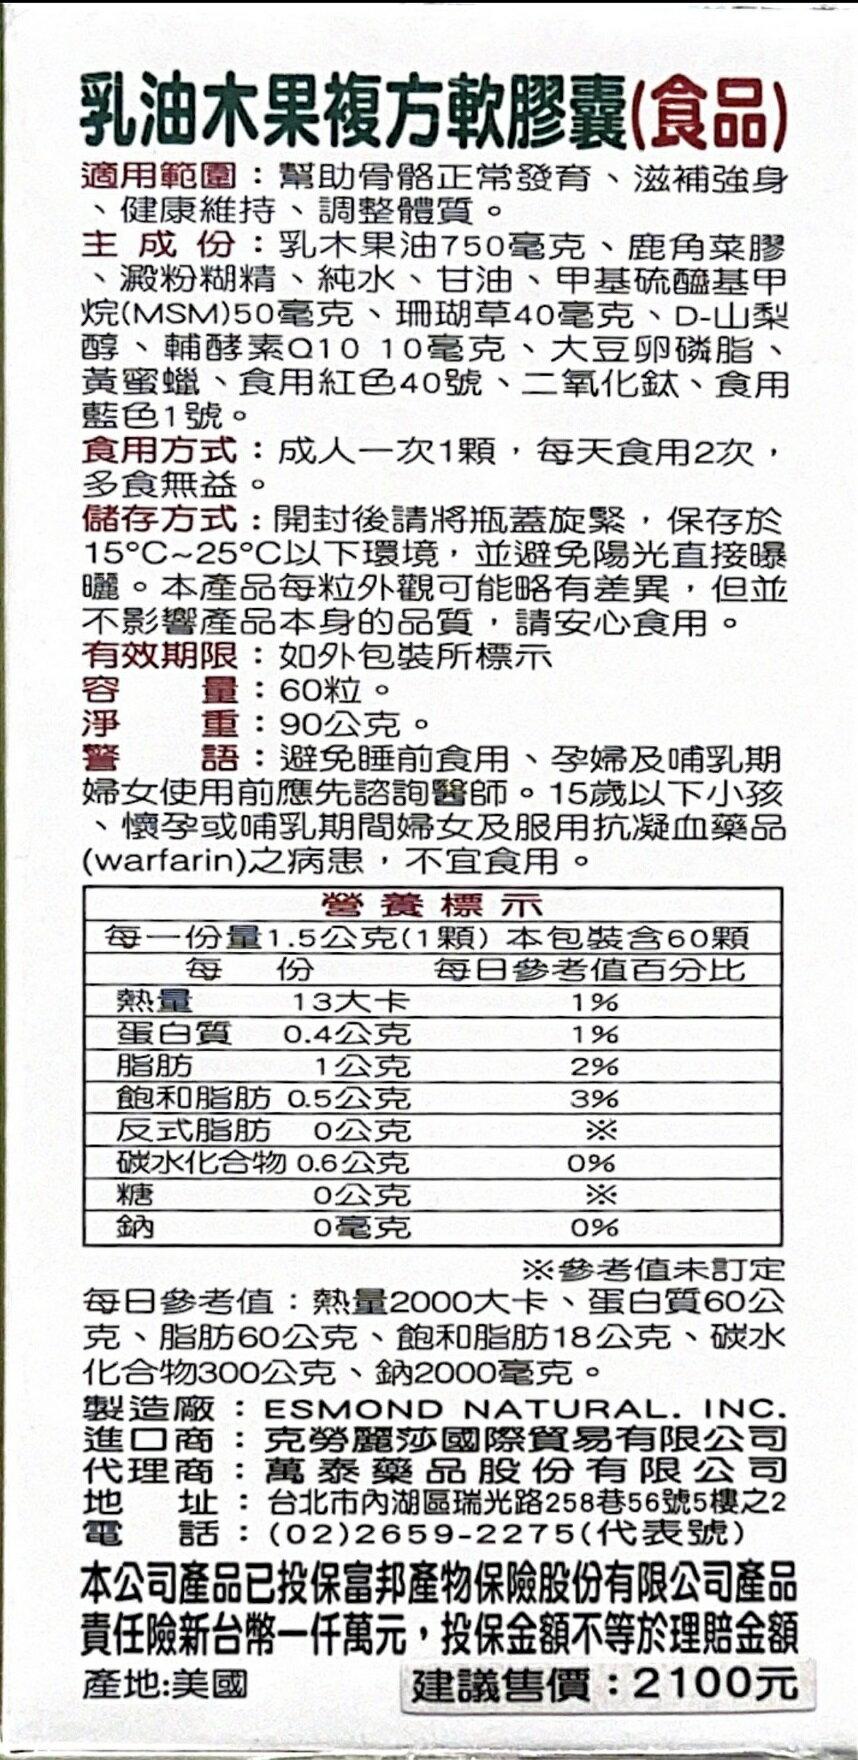 美國進口,素食-乳油木果高單位複方軟膠囊-含貓抓藤及Q10(單盒60粒)